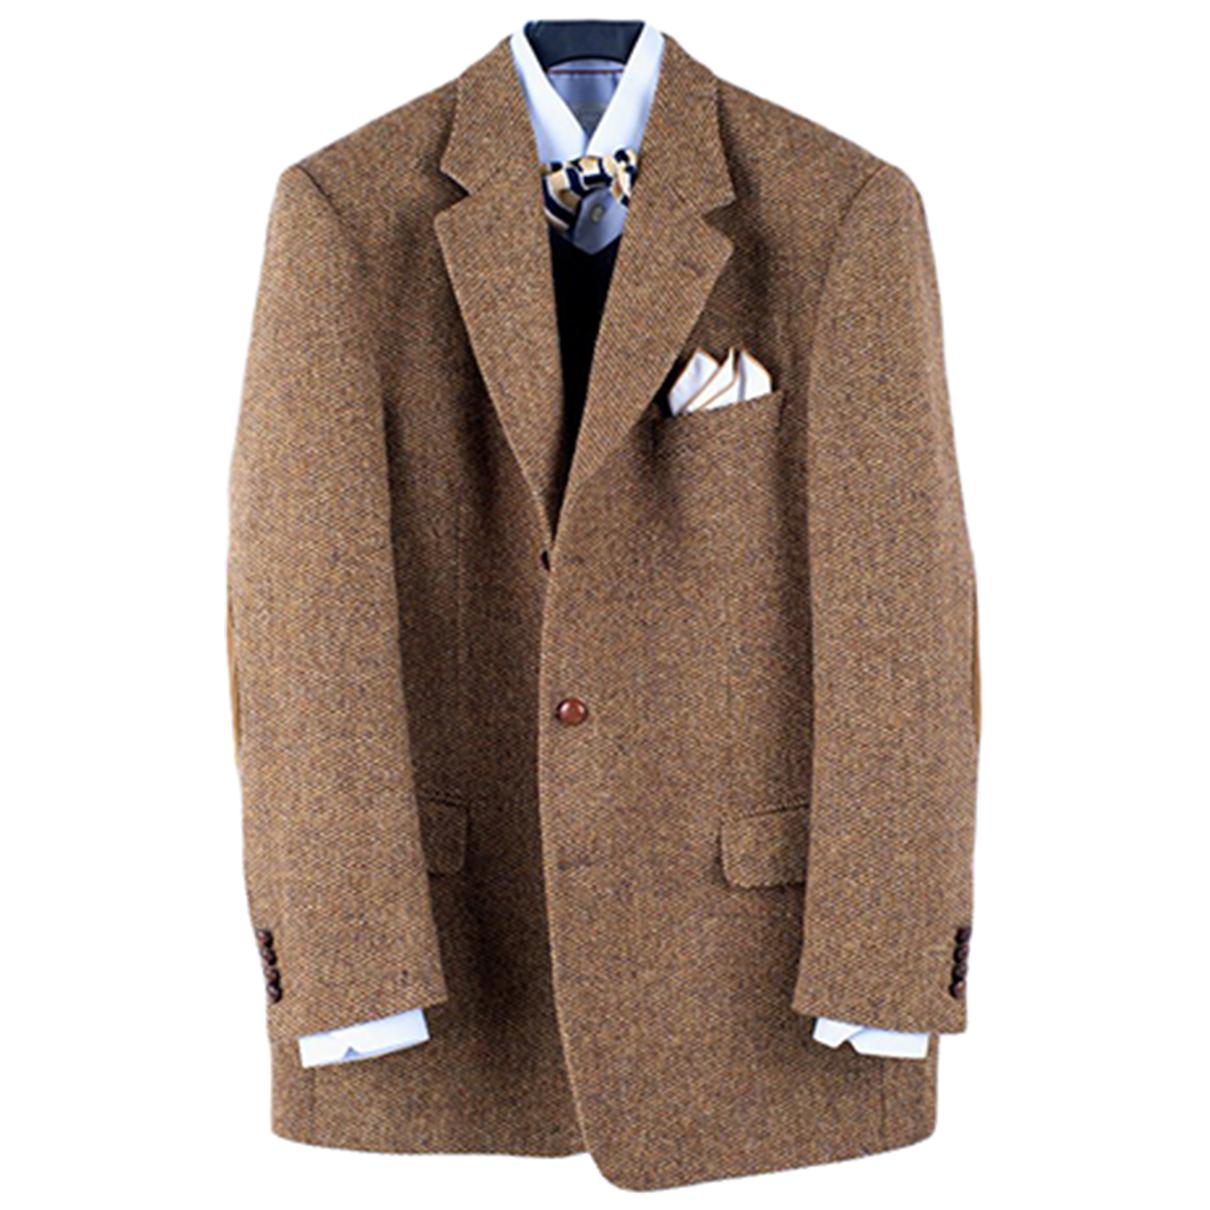 Autre Marque - Vestes.Blousons   pour homme en laine - marron